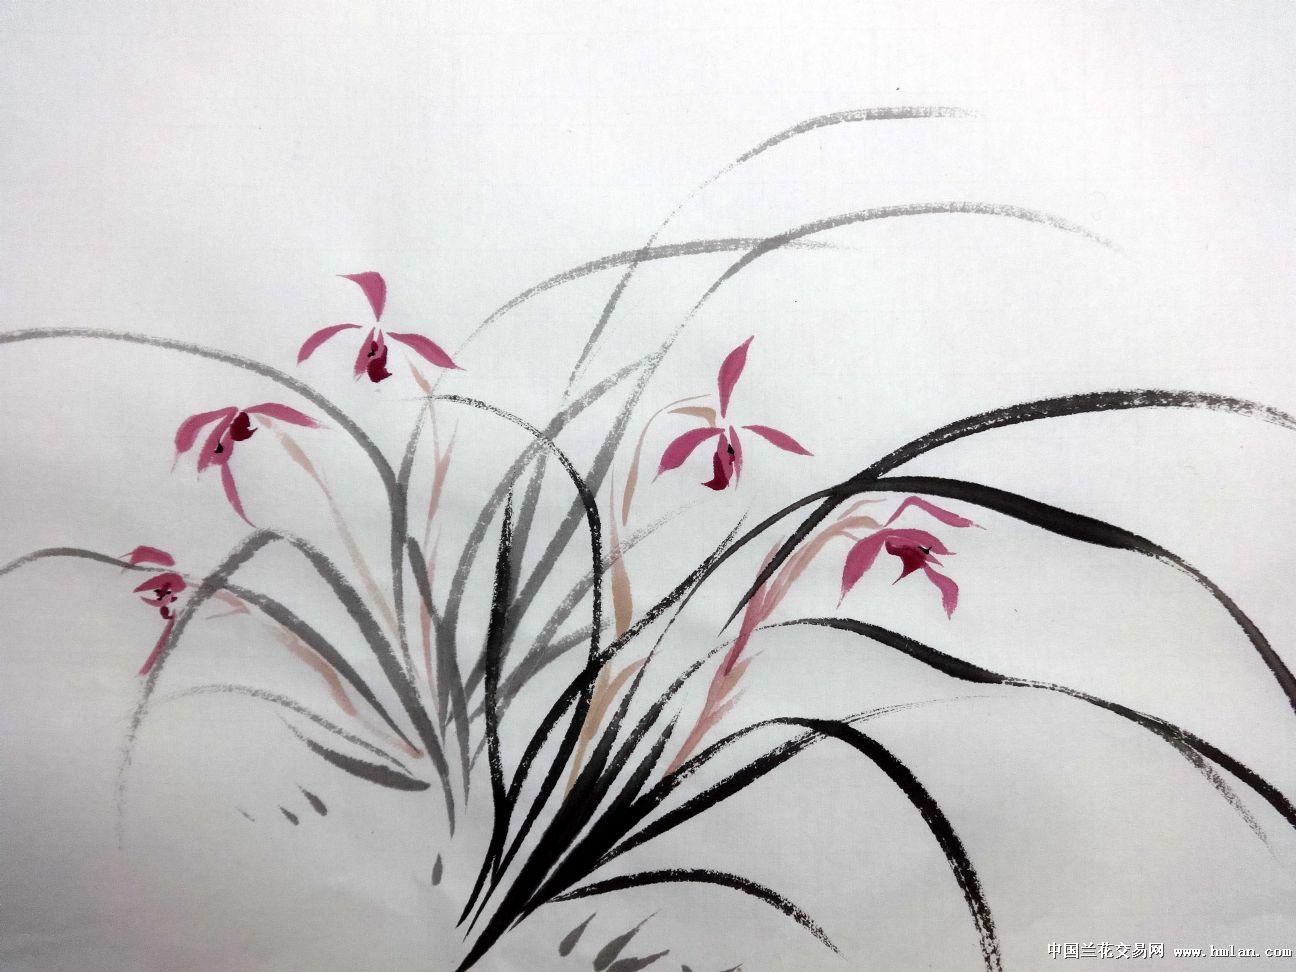 俗话说三分画七分裱,意思是中国画必须经过装裱后,才能更好的显示正常观赏的效果,画芯本身不能完美显示国画中墨的层次感和色彩的原貌。 装裱可分为两种,一种是传统的卷轴,也称成品,作品用锦绫装裱后,更彰显书画尊贵品质,可直接悬挂于墙上,是室内装饰和送给亲朋好友最佳礼品.